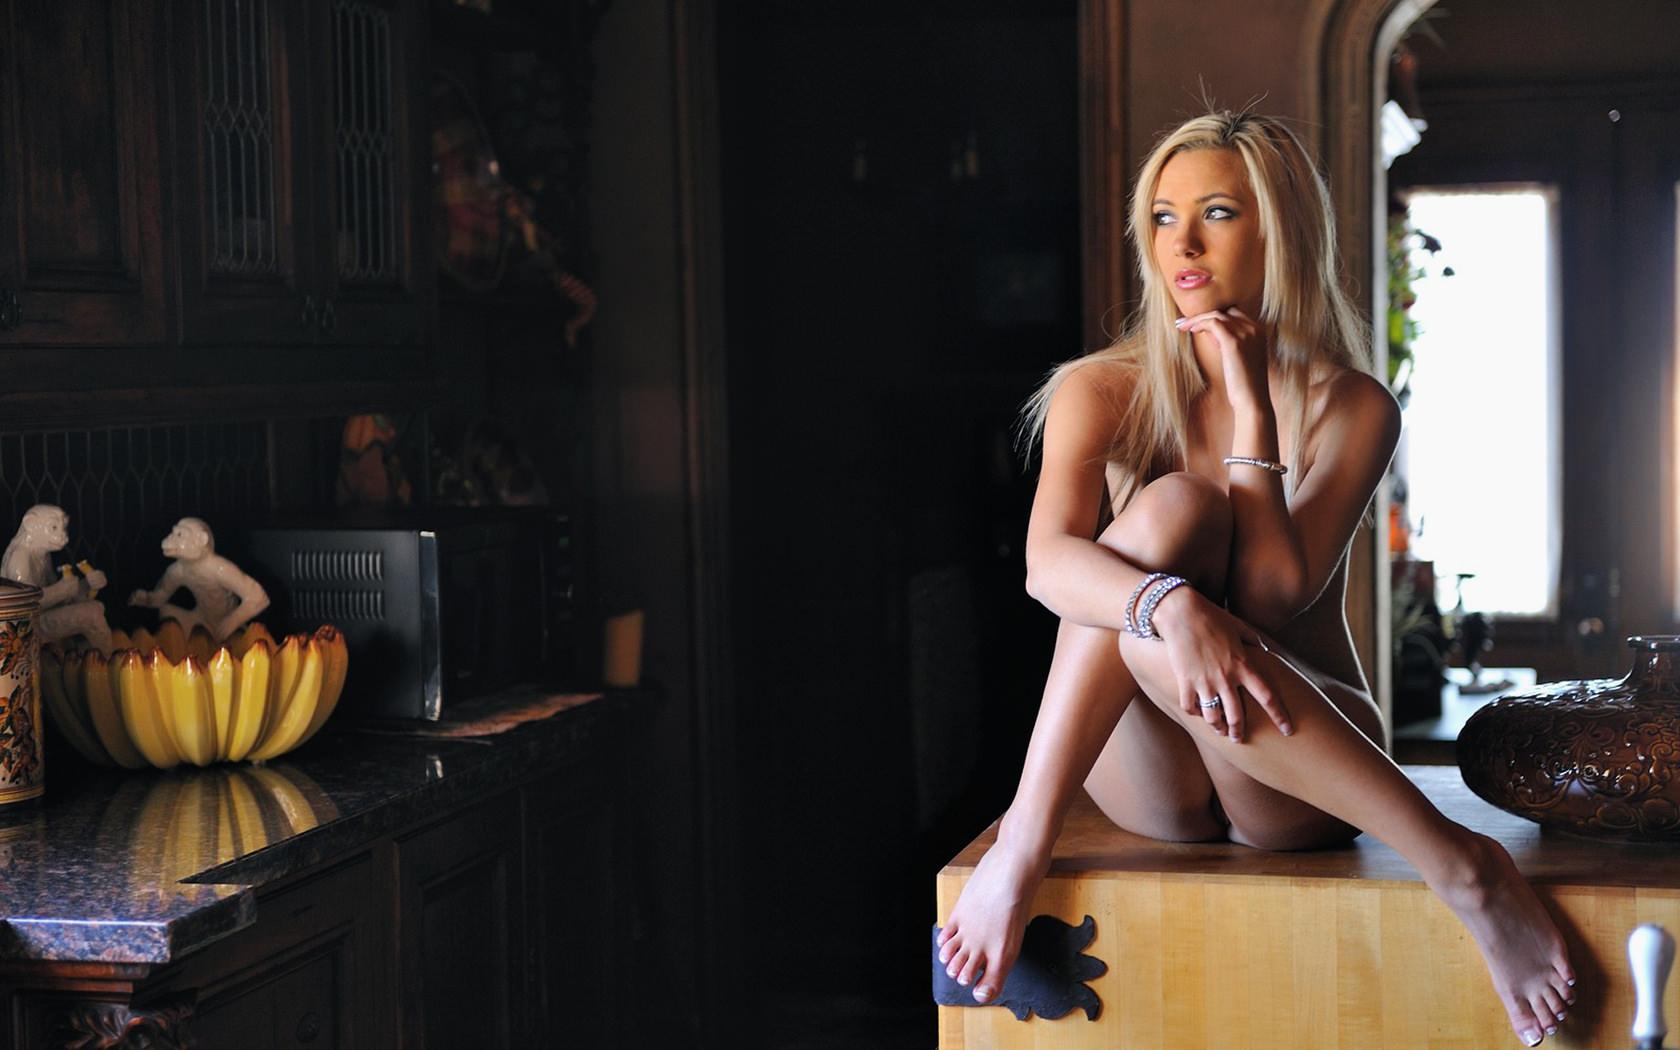 Фото голышом на кухне 2 фотография